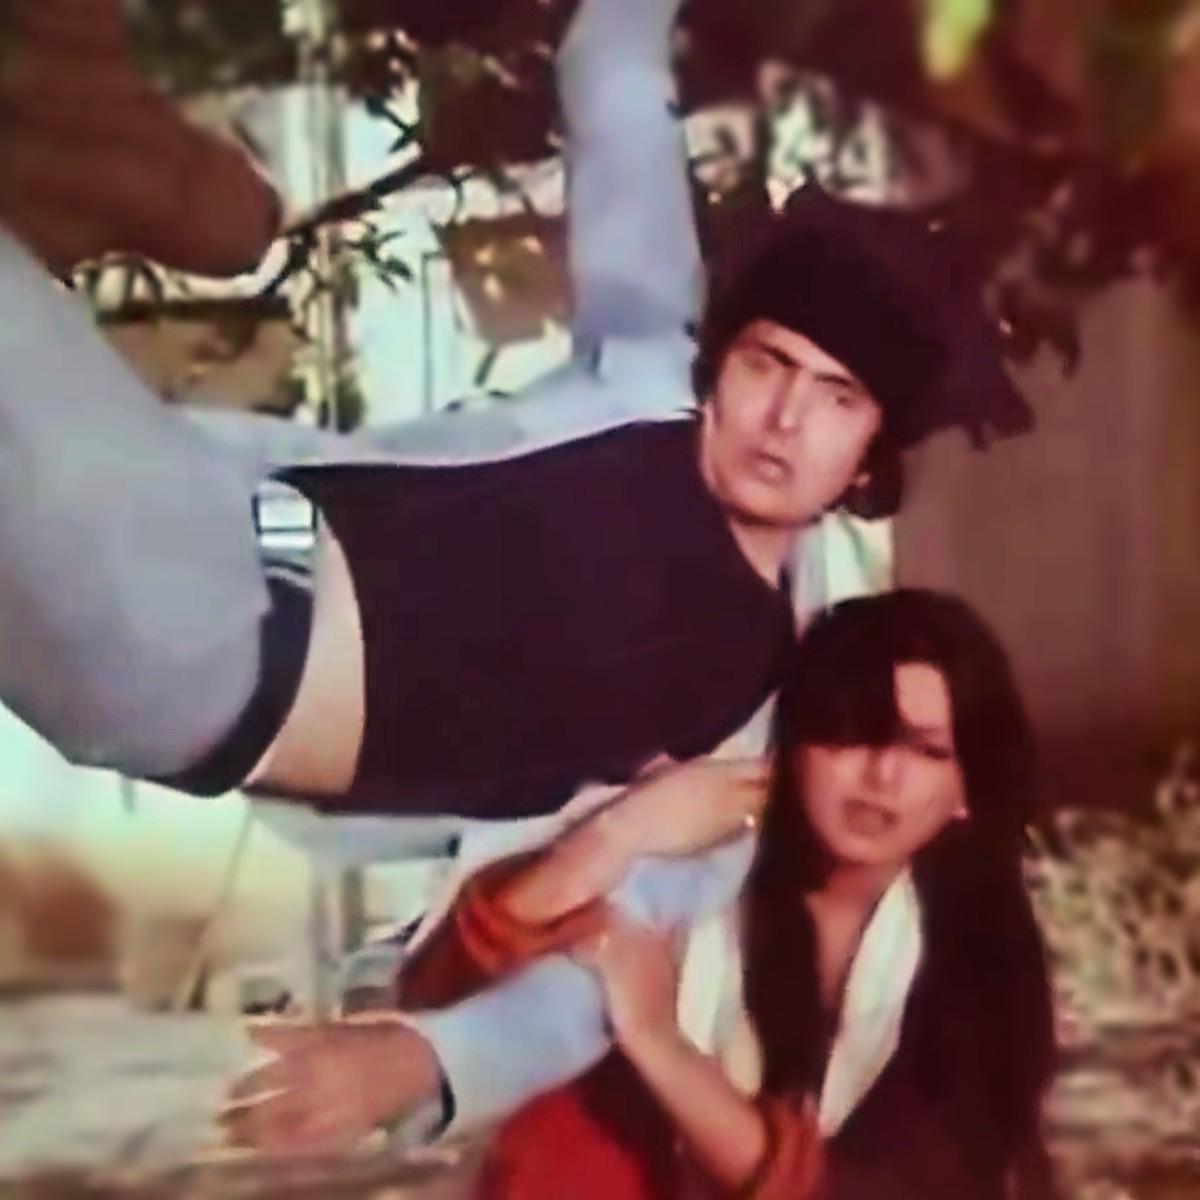 """Rishi Kapoor and Neetu Singh in """"Khullam khulla pyar karenge..."""" from KHEL KHEL MEIN (1977)"""